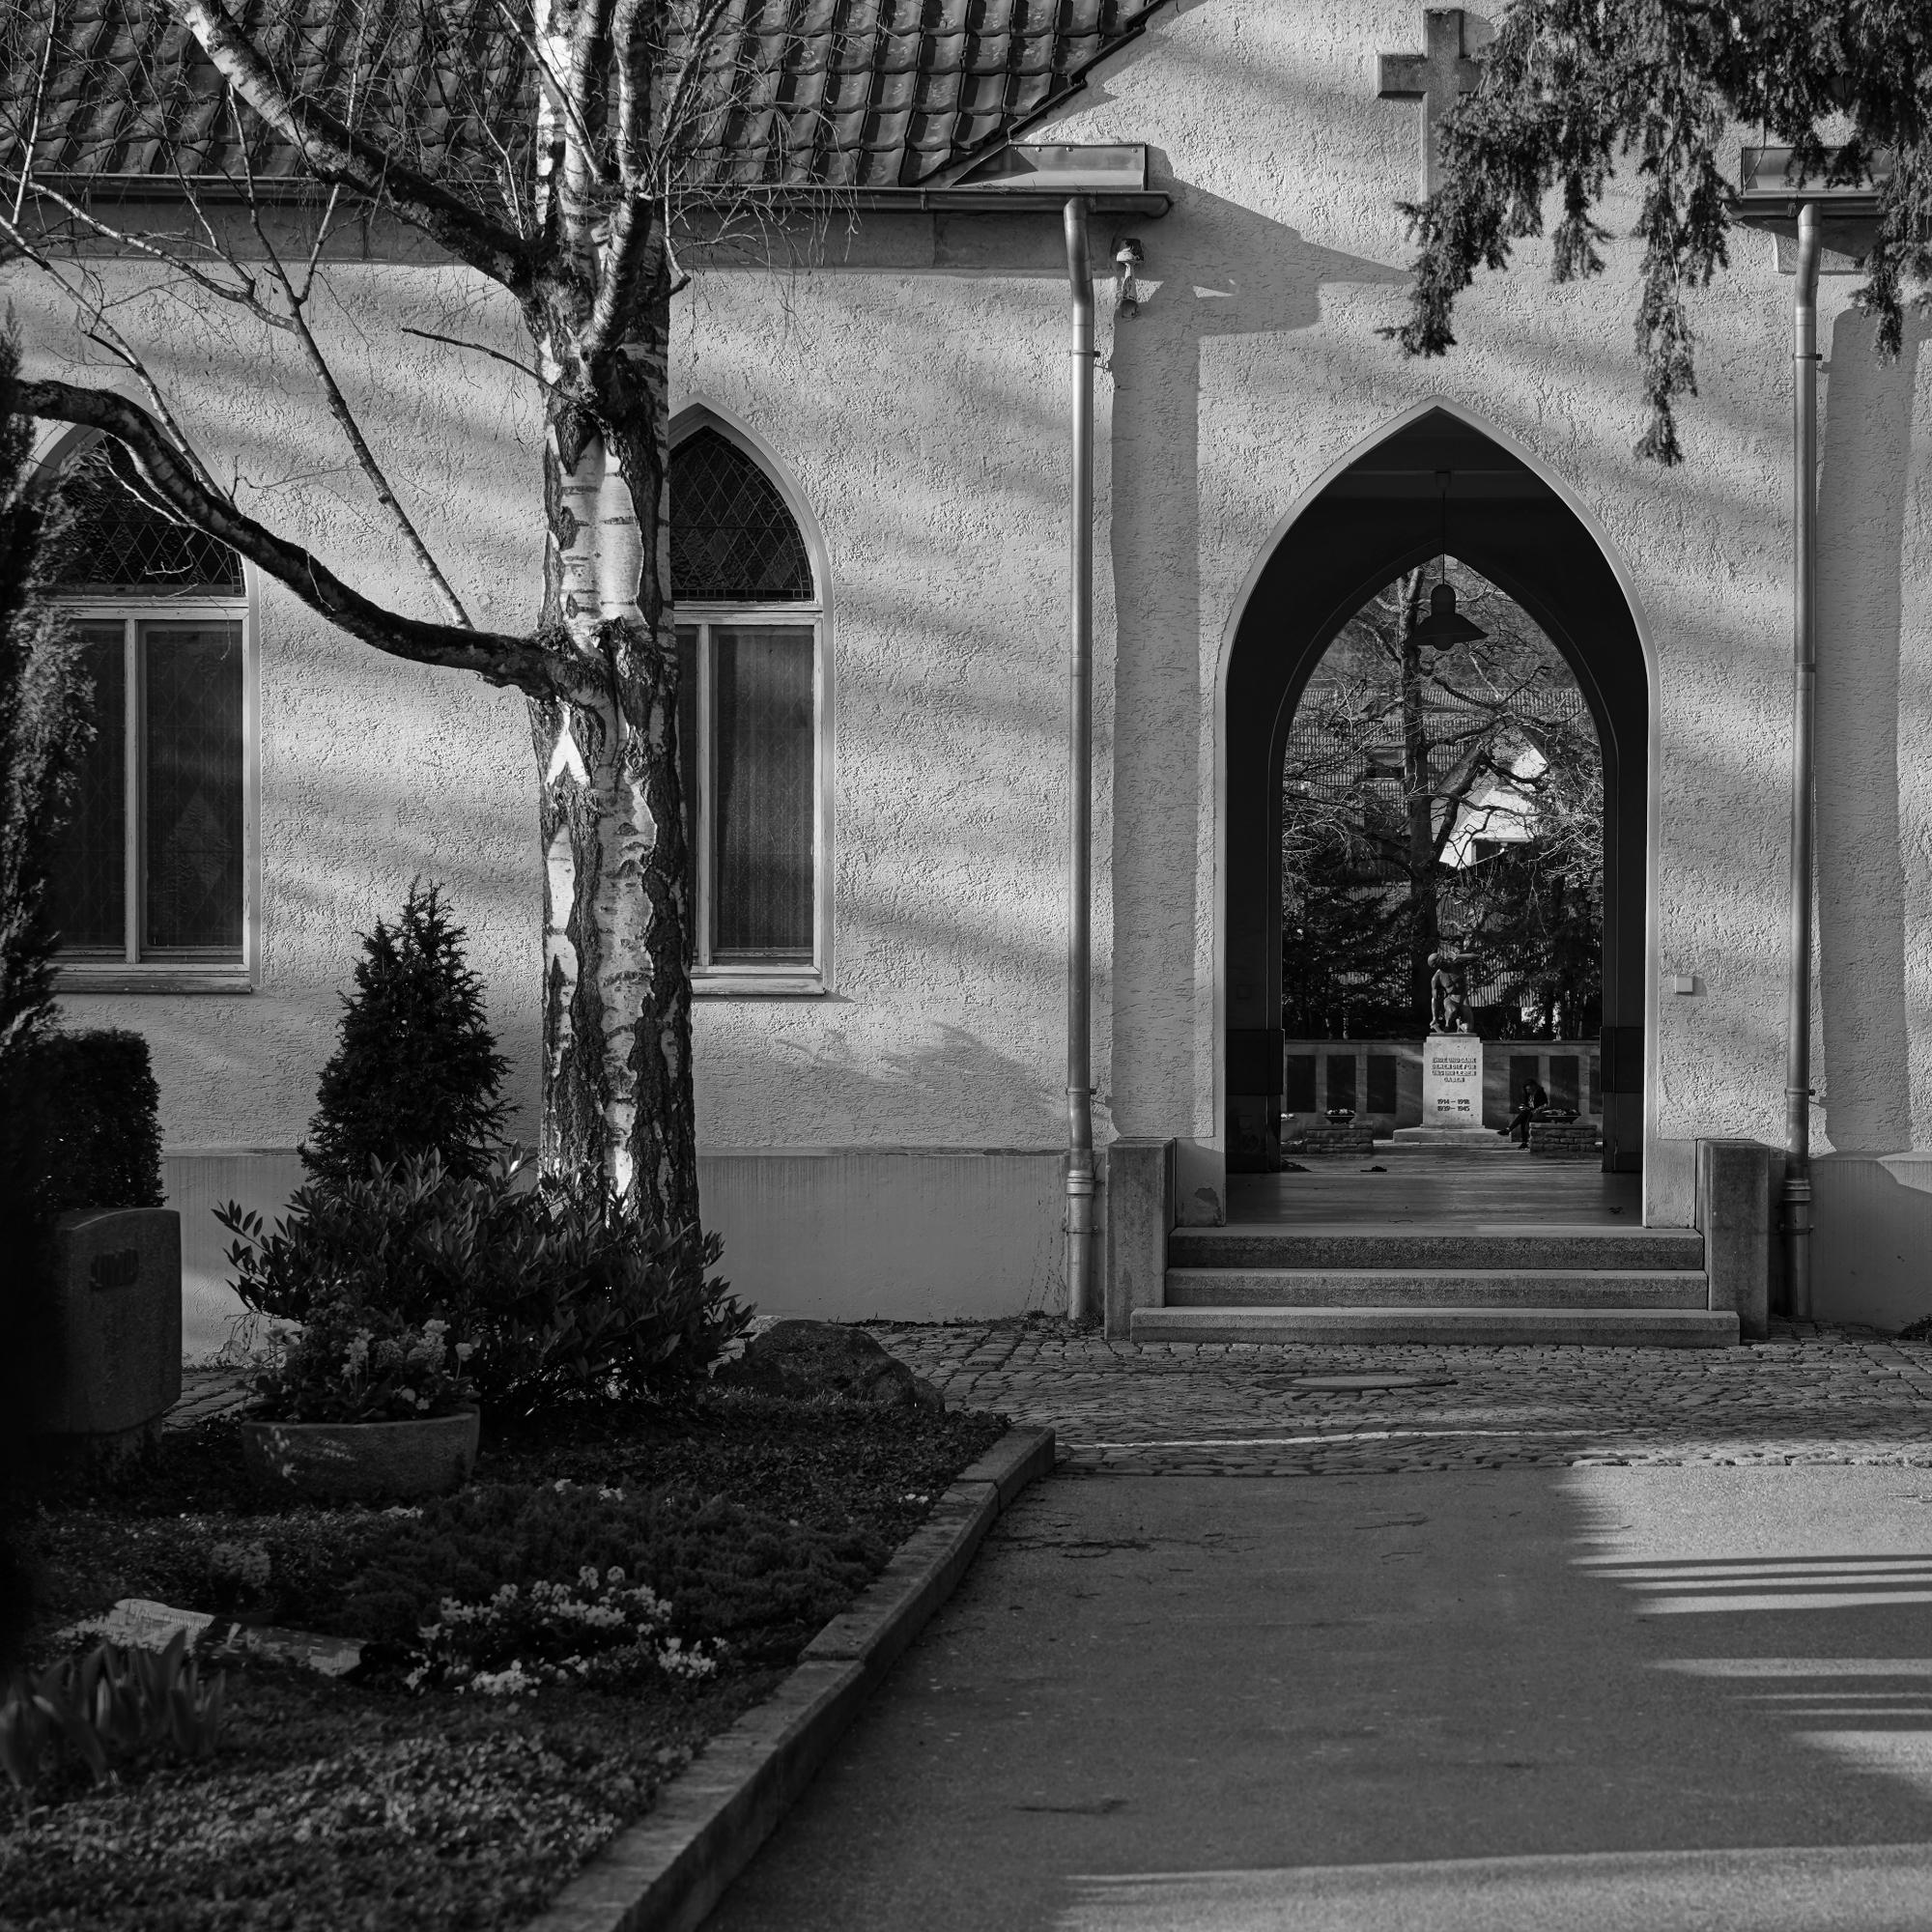 Pointed arch - photography, blackandwhite - marcushammerschmitt | ello